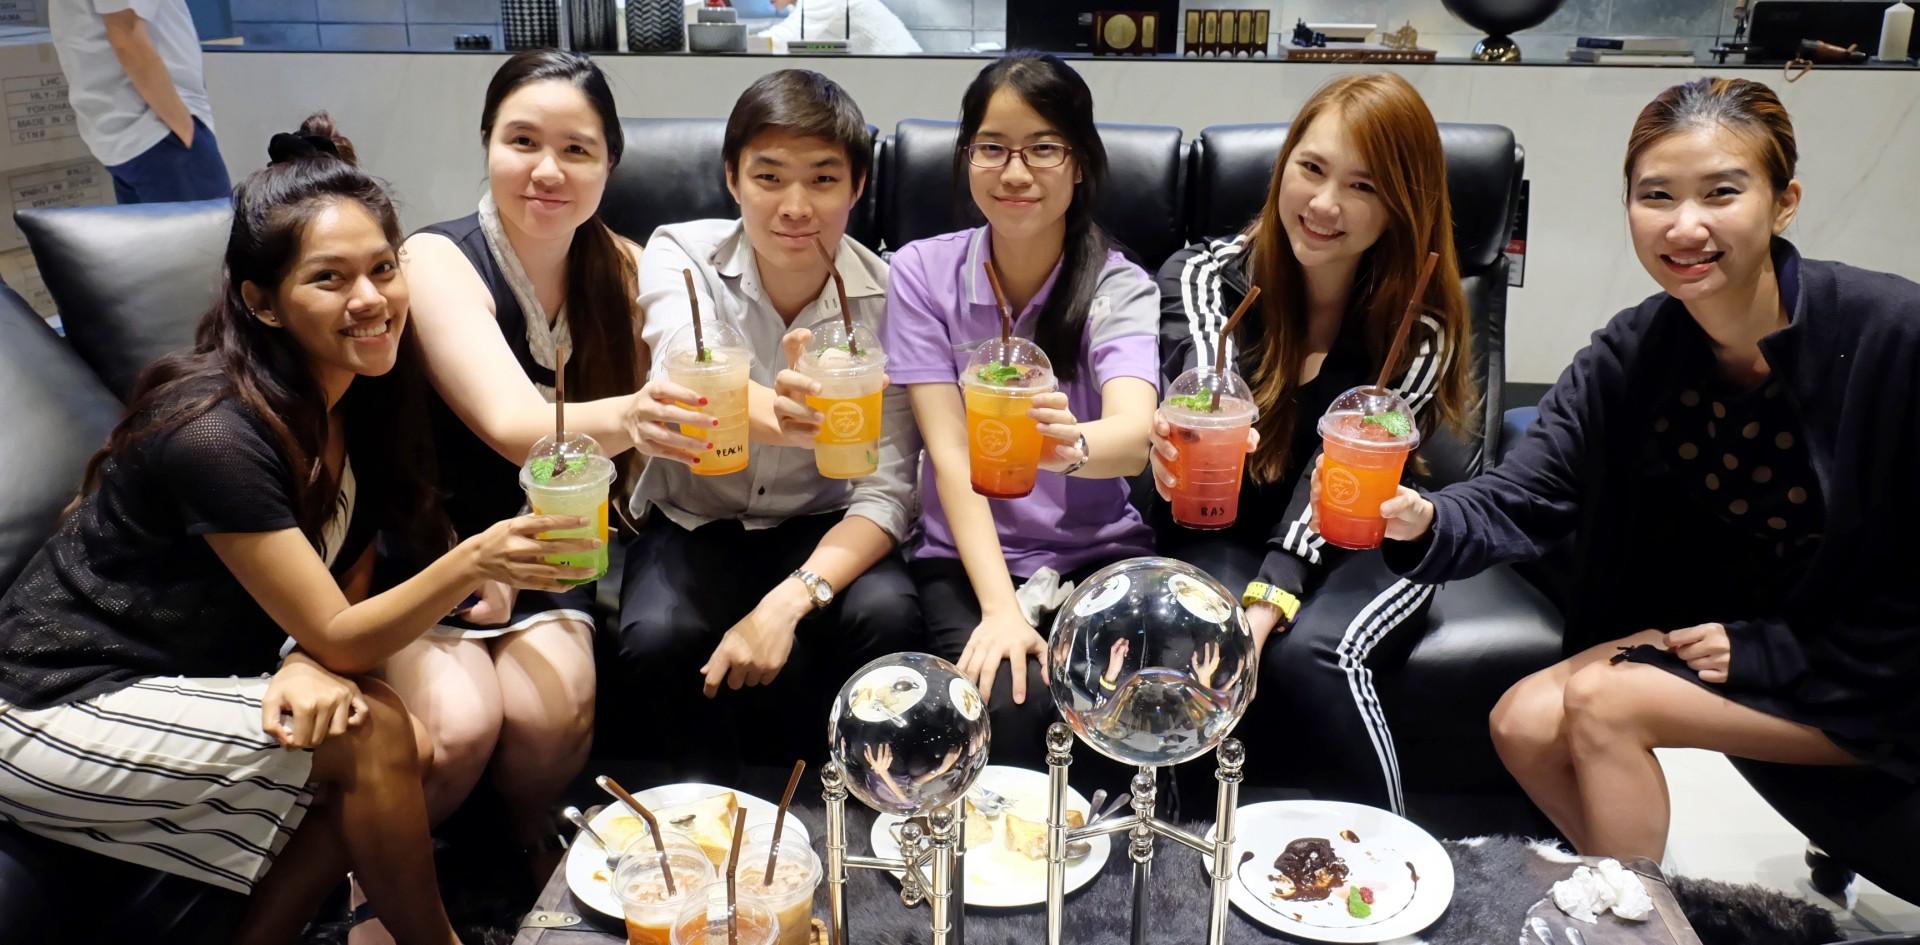 Wongnai Tasting พาไปจิบกาแฟชิลๆในร้านเฟอร์นิเจอร์สุดหรู Zedere de cafe